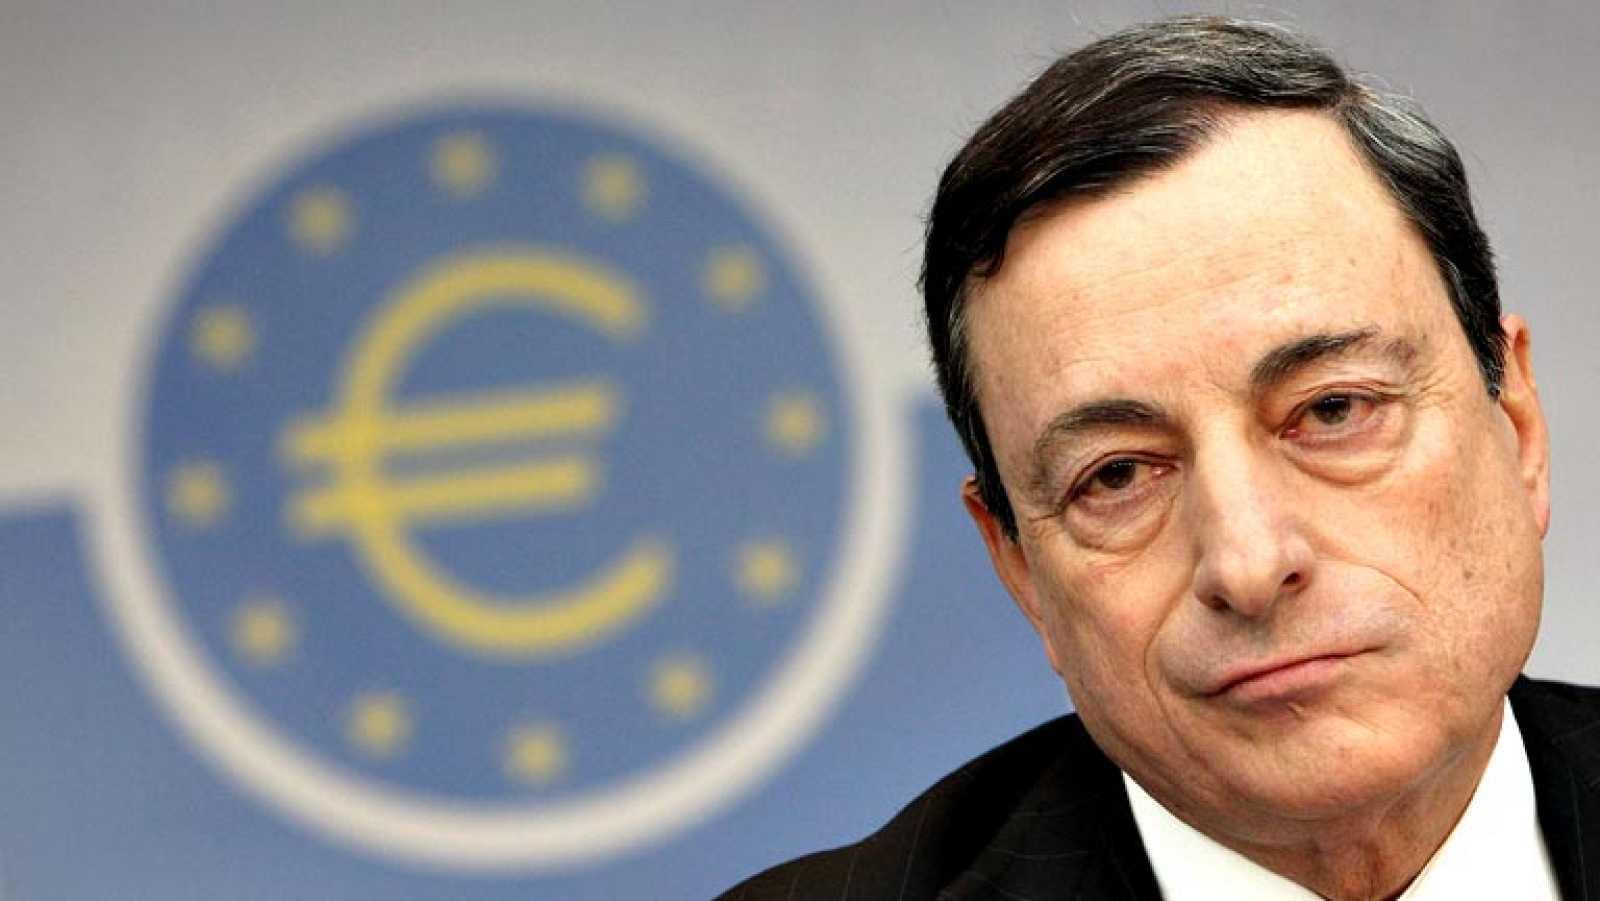 Draghi dice que la inflación seguirá baja en la zona euro e insiste en que está listo para actuar